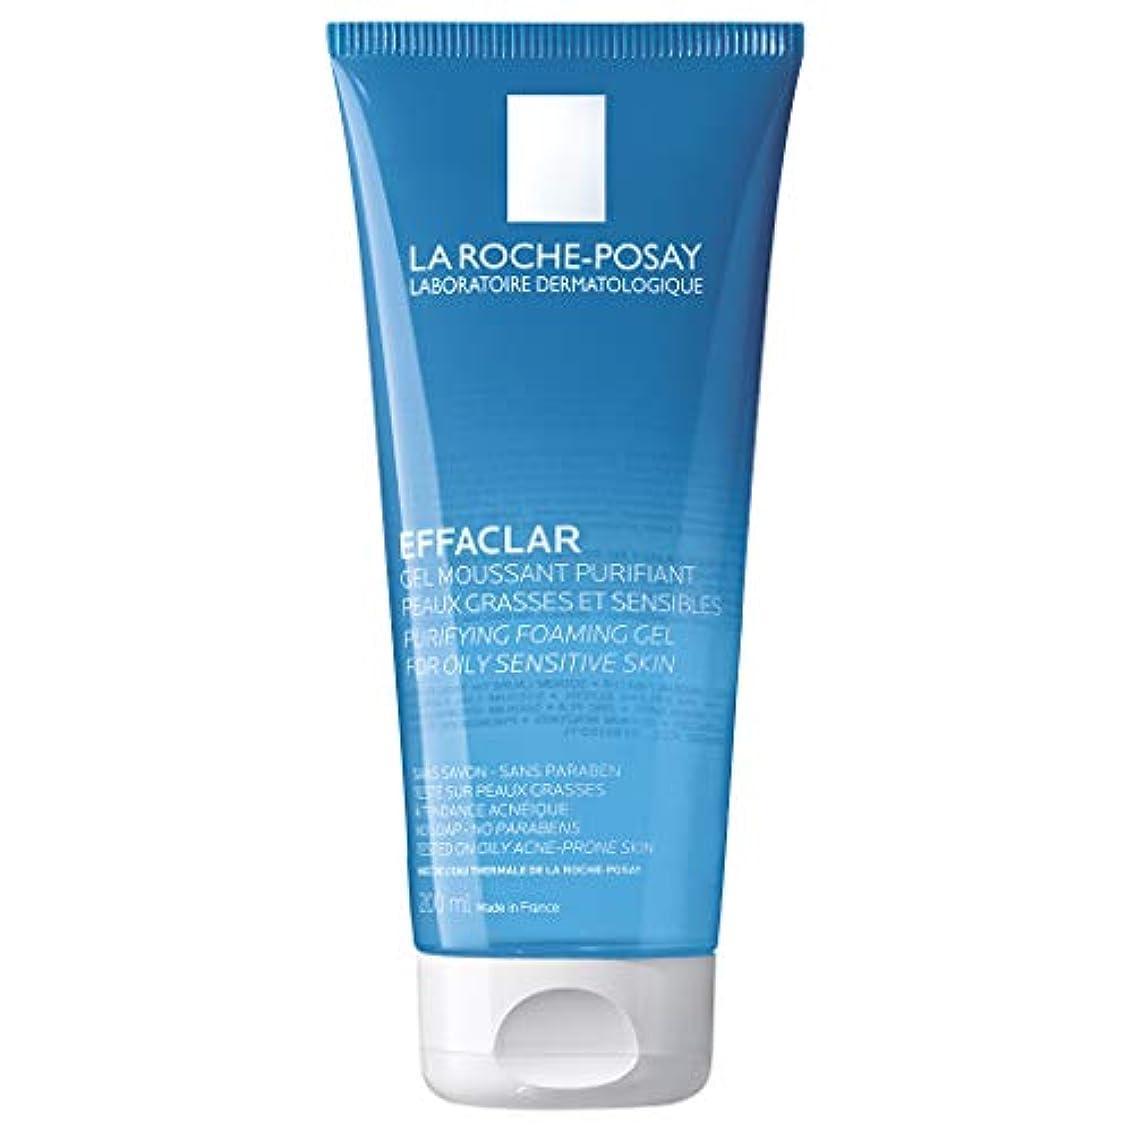 差テンポ伝染病[ラロシュ布製] エファクラ 脂性肌のためのピュリファイングフォーミングジェルクレンザー 200ml / La Roche-Posay Effaclar Purifying Foaming Gel Cleanser for...